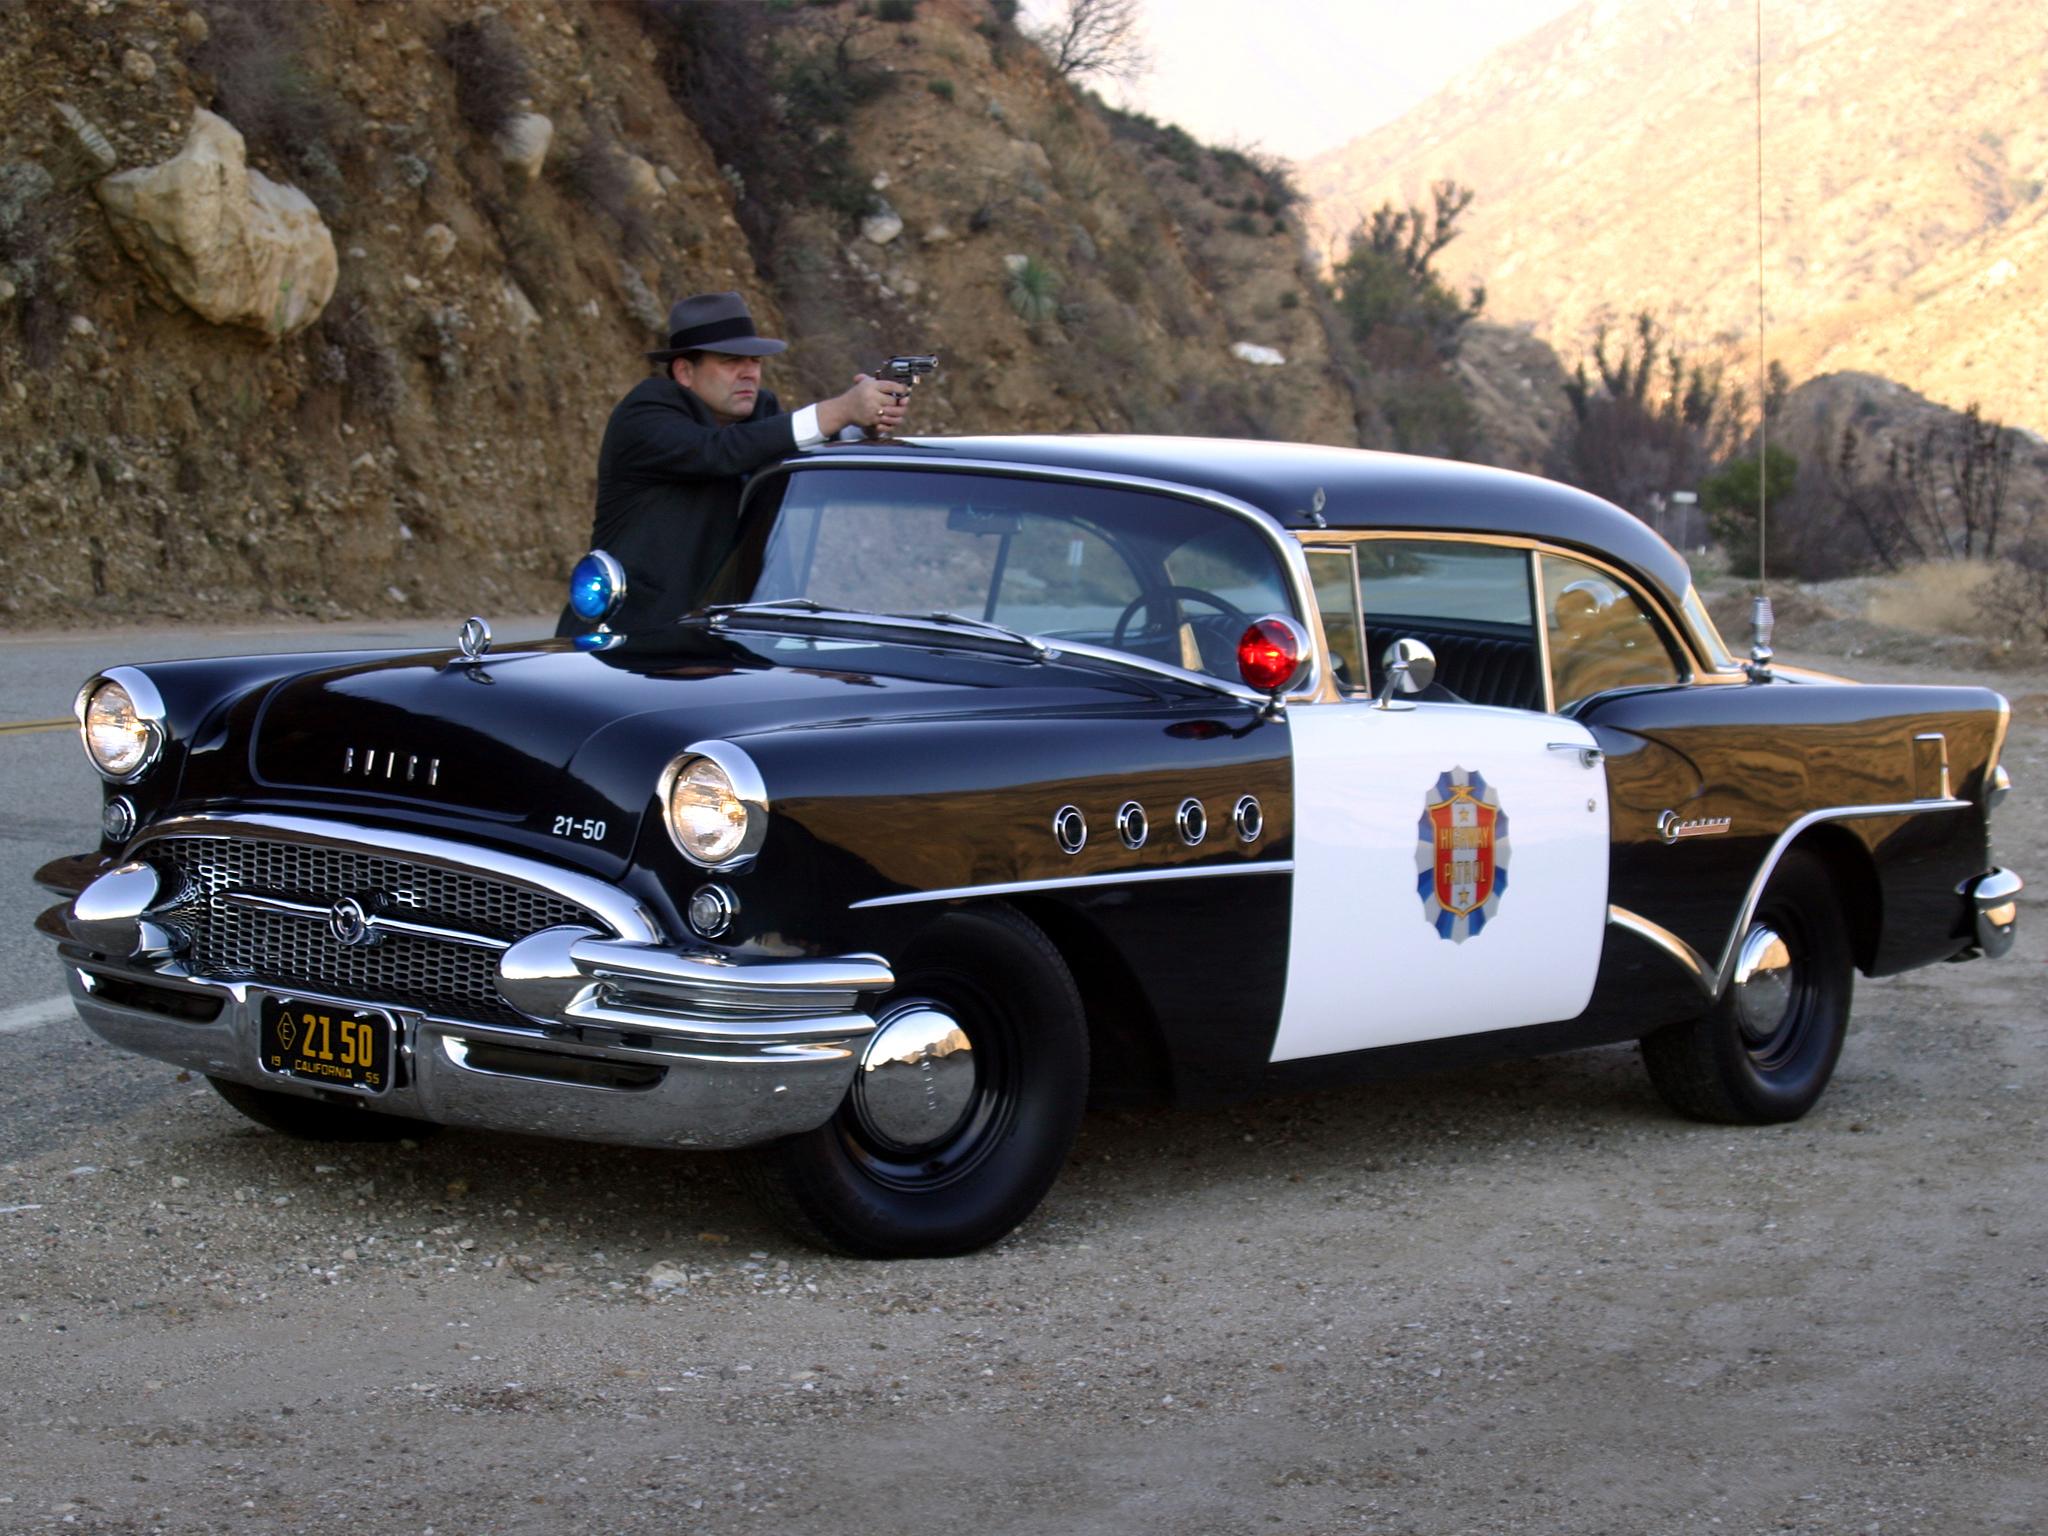 1955 Buick Century Sedan Highway Patrol Police Retro Y